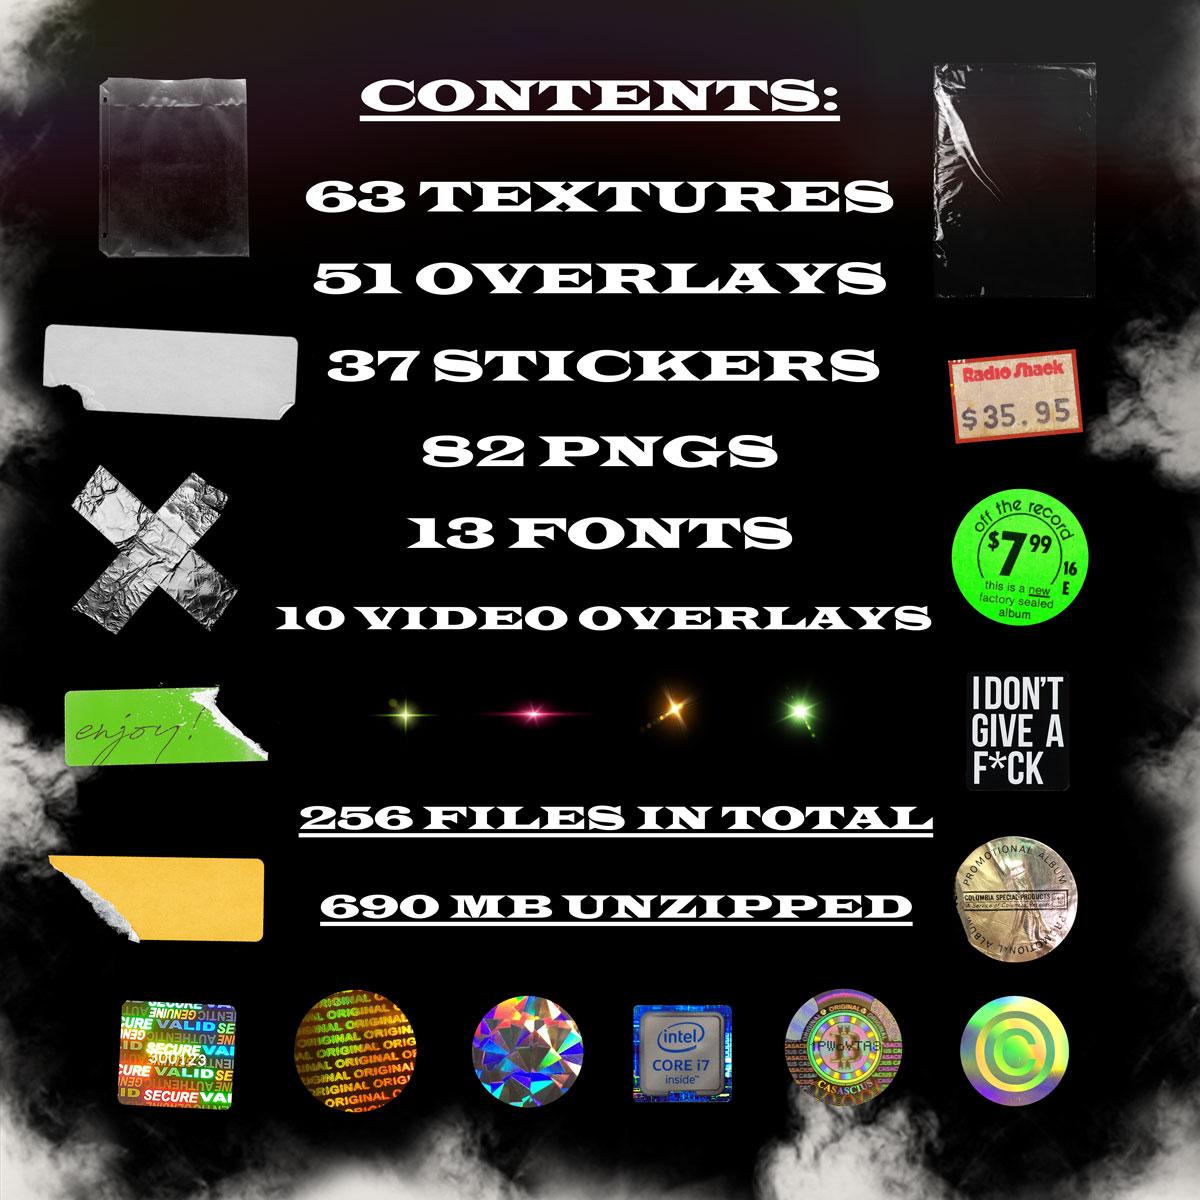 [单独购买] 256款潮流镭射专辑CD封面贴纸塑料膜故障纹理背景图片设计素材套装 Pluto Dripz – Secret Stash Vol. 1 (GFX Pack)插图1